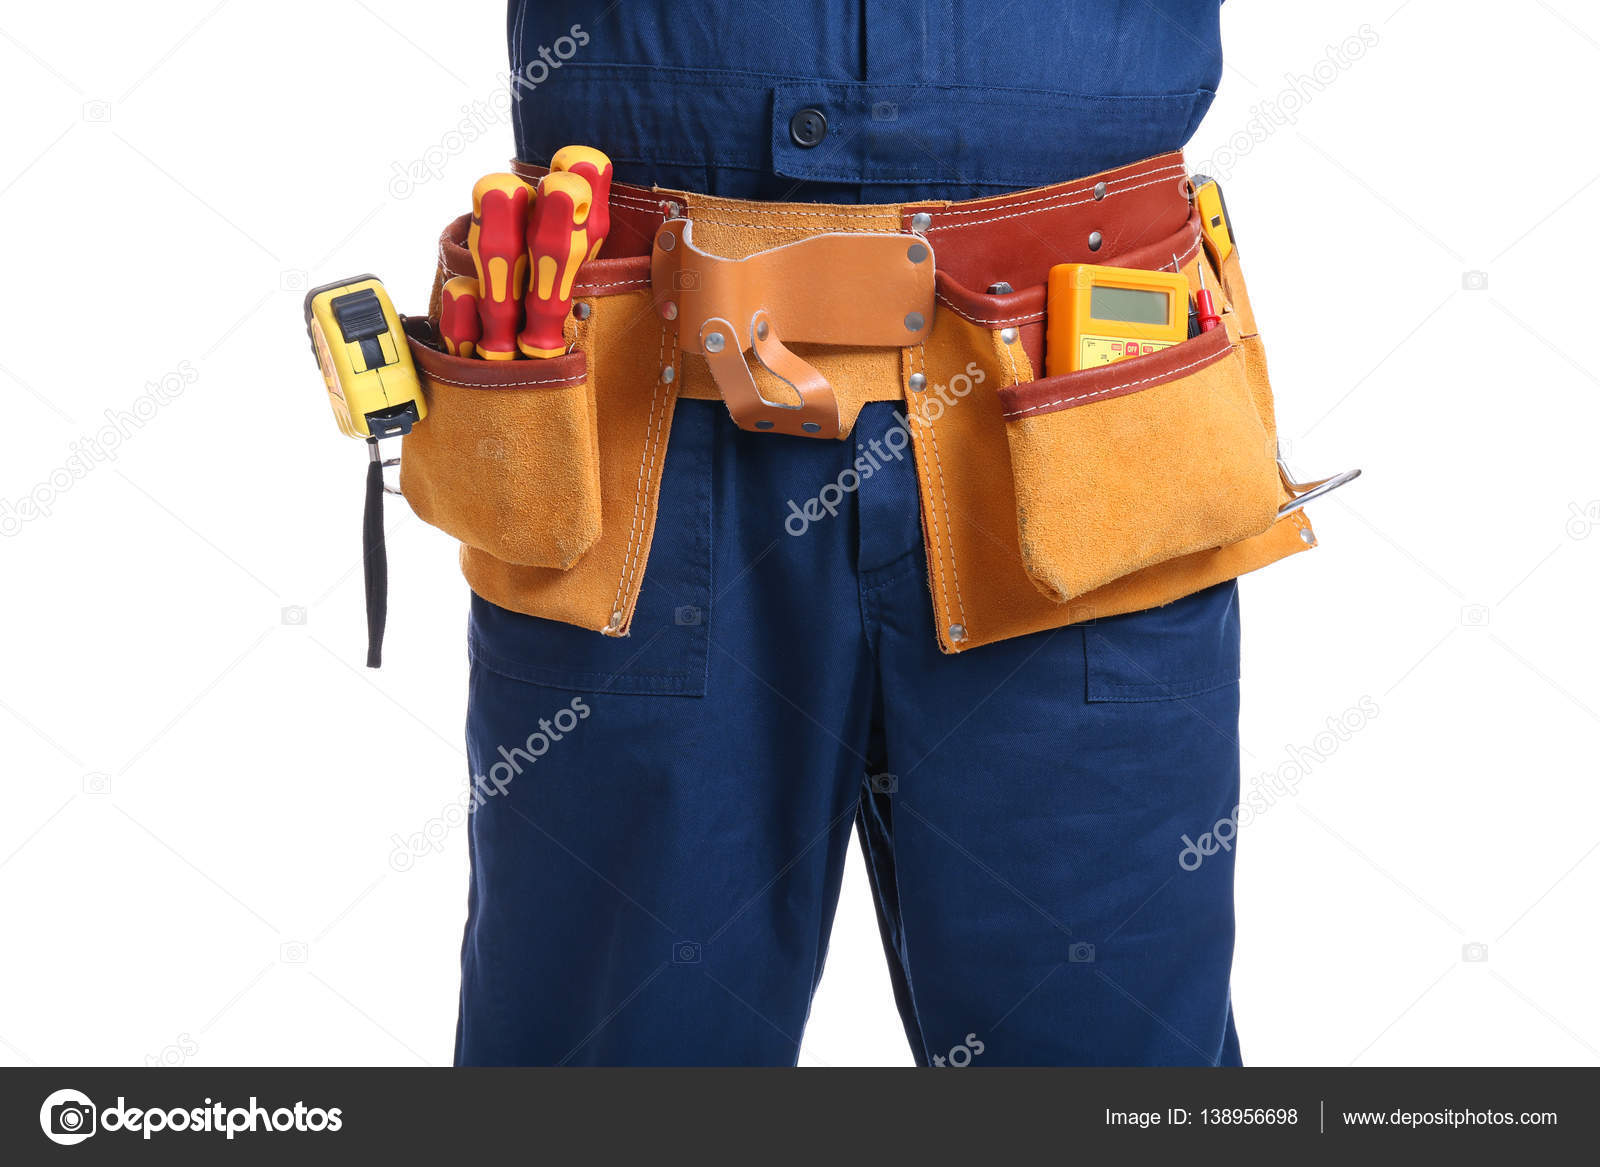 Elettricista con utensili speciali u2014 foto stock © belchonock #138956698